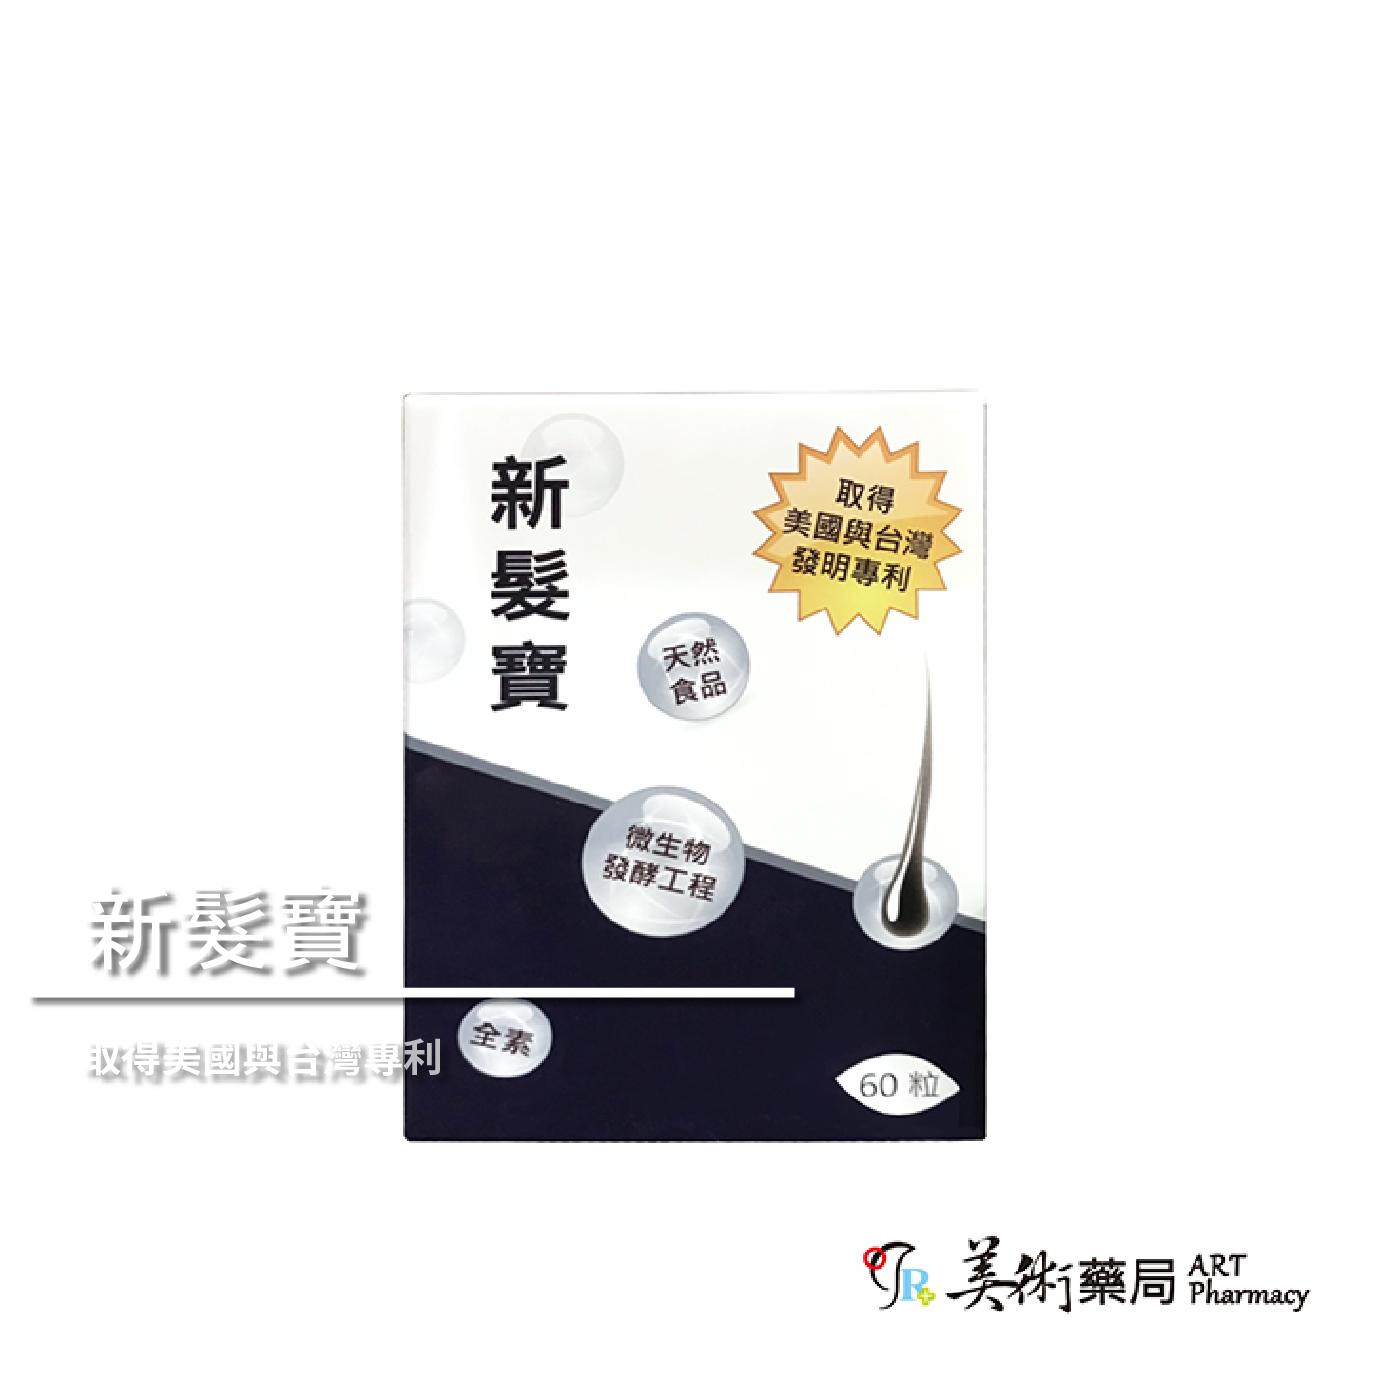 【美術藥局】新髮寶 /60顆/盒